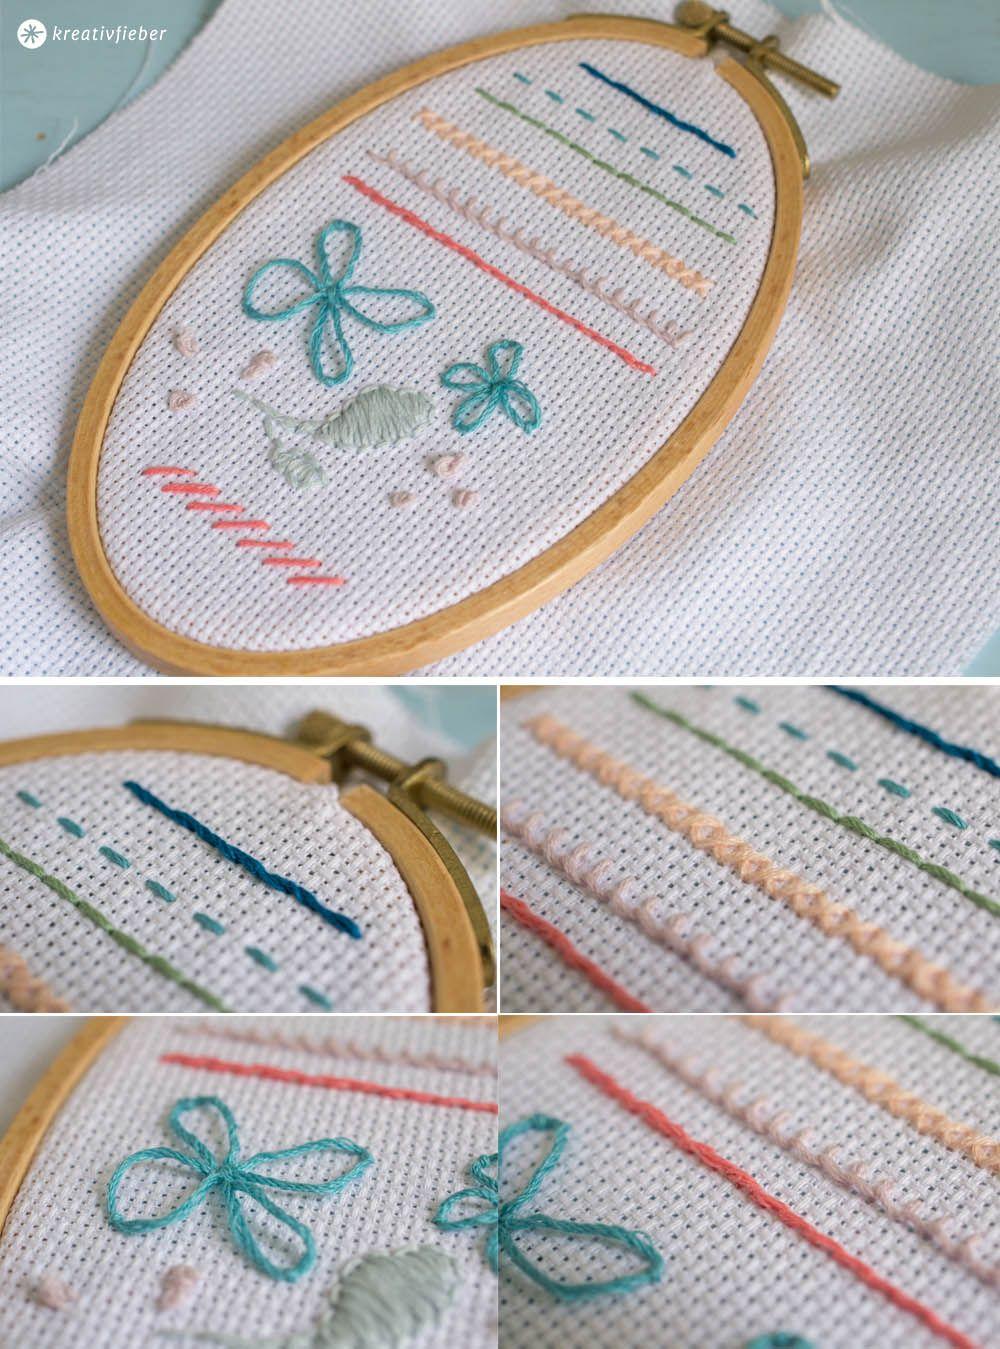 Einfache Grundtechnik Furs Sticken Kreativfieber Stickerei Fur Anfanger Sticken Und Nahen Sticken Lernen